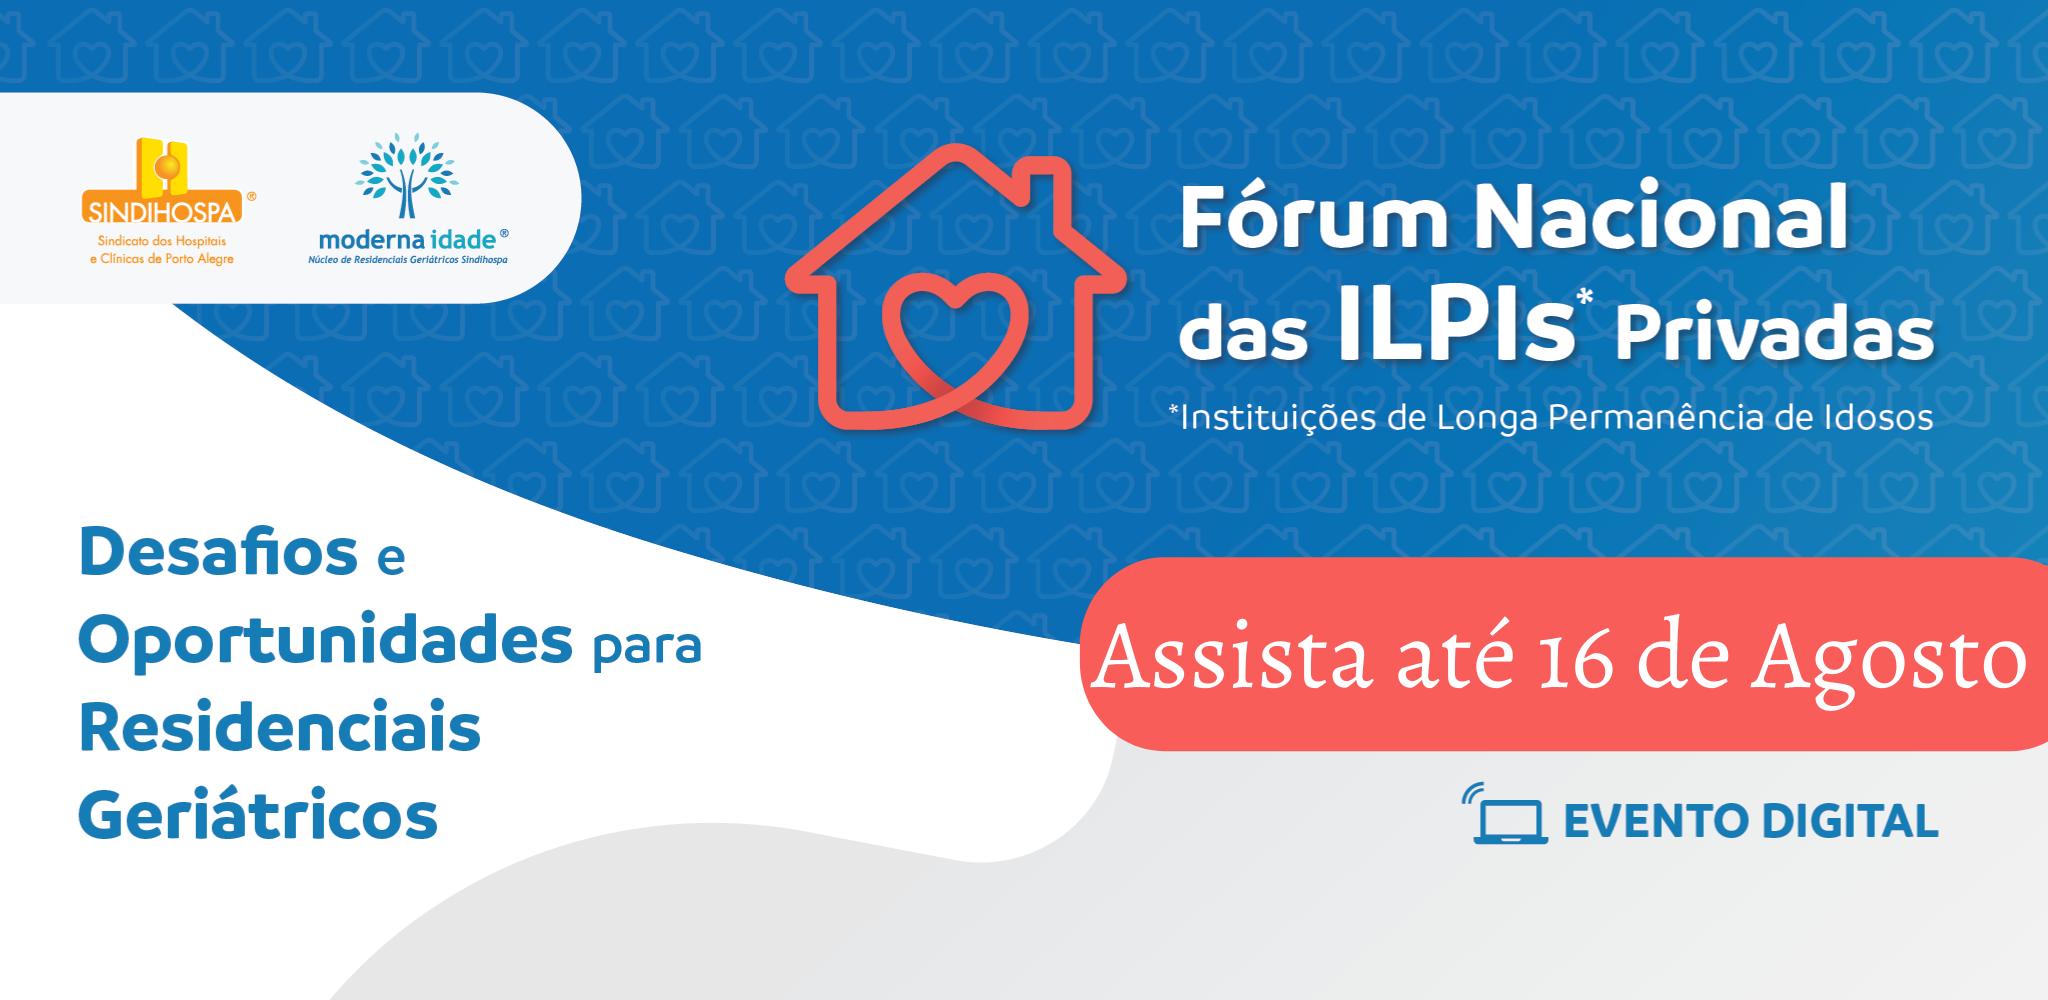 Fórum Nacional das ILPIs Privadas - Pós evento